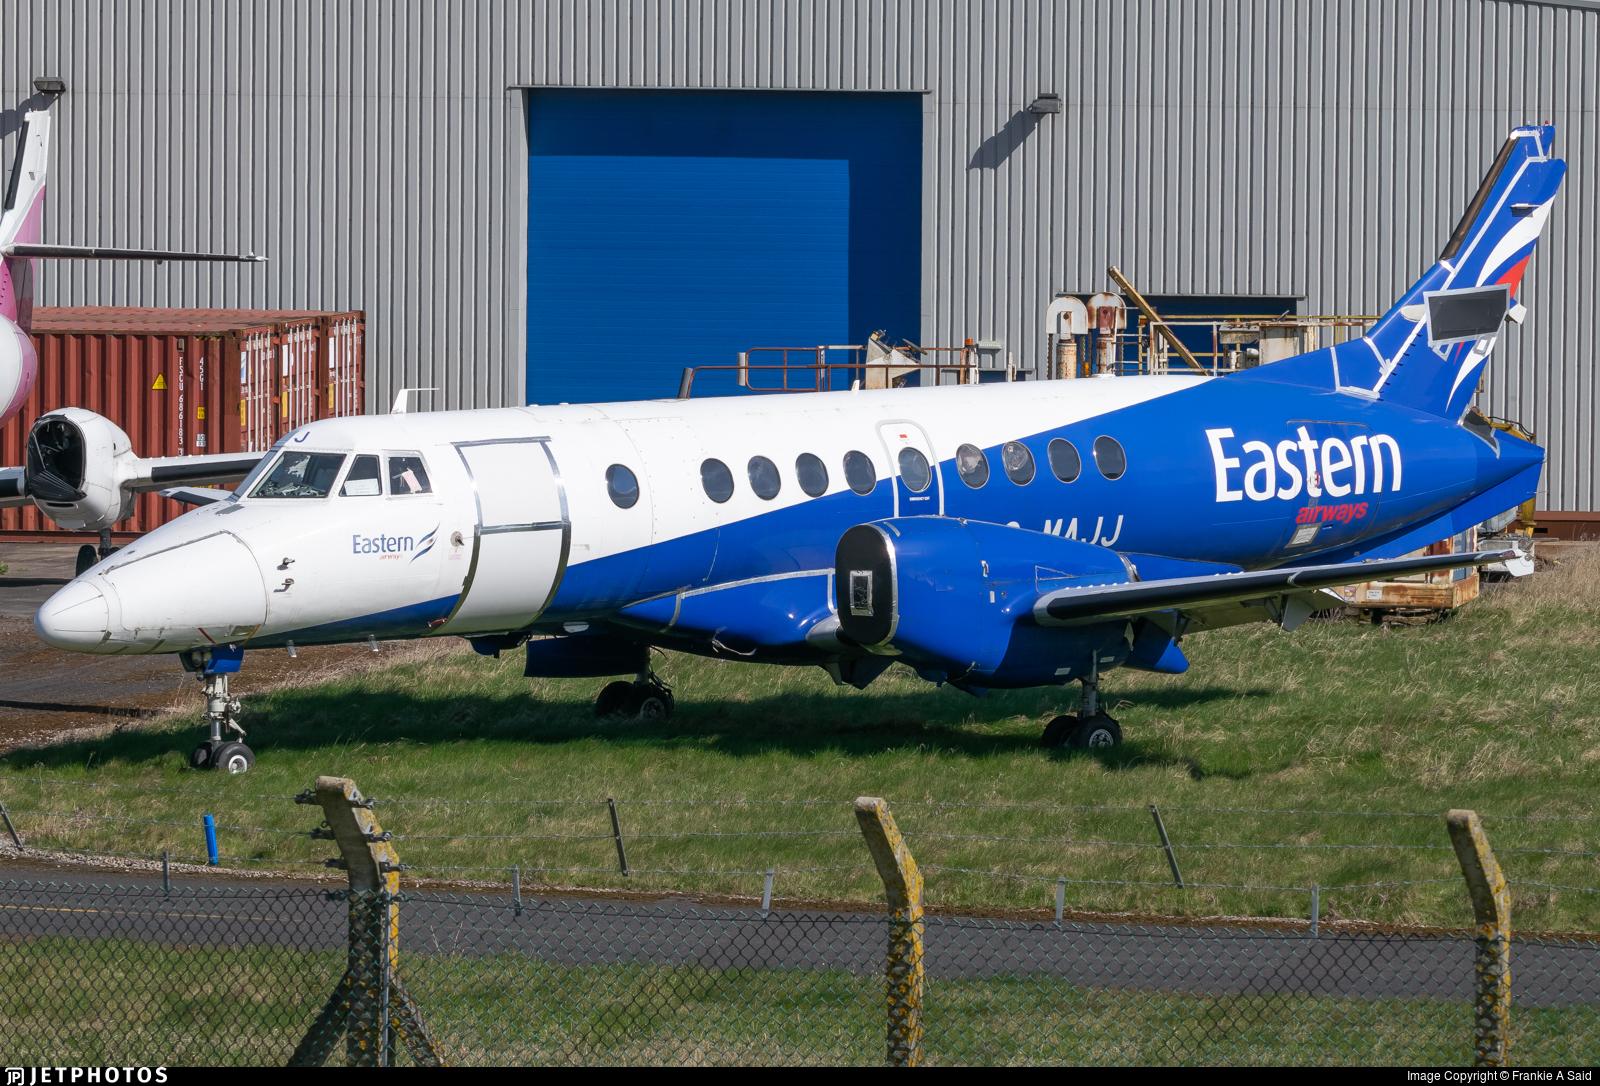 G-MAJJ - British Aerospace Jetstream 41 - Eastern Airways